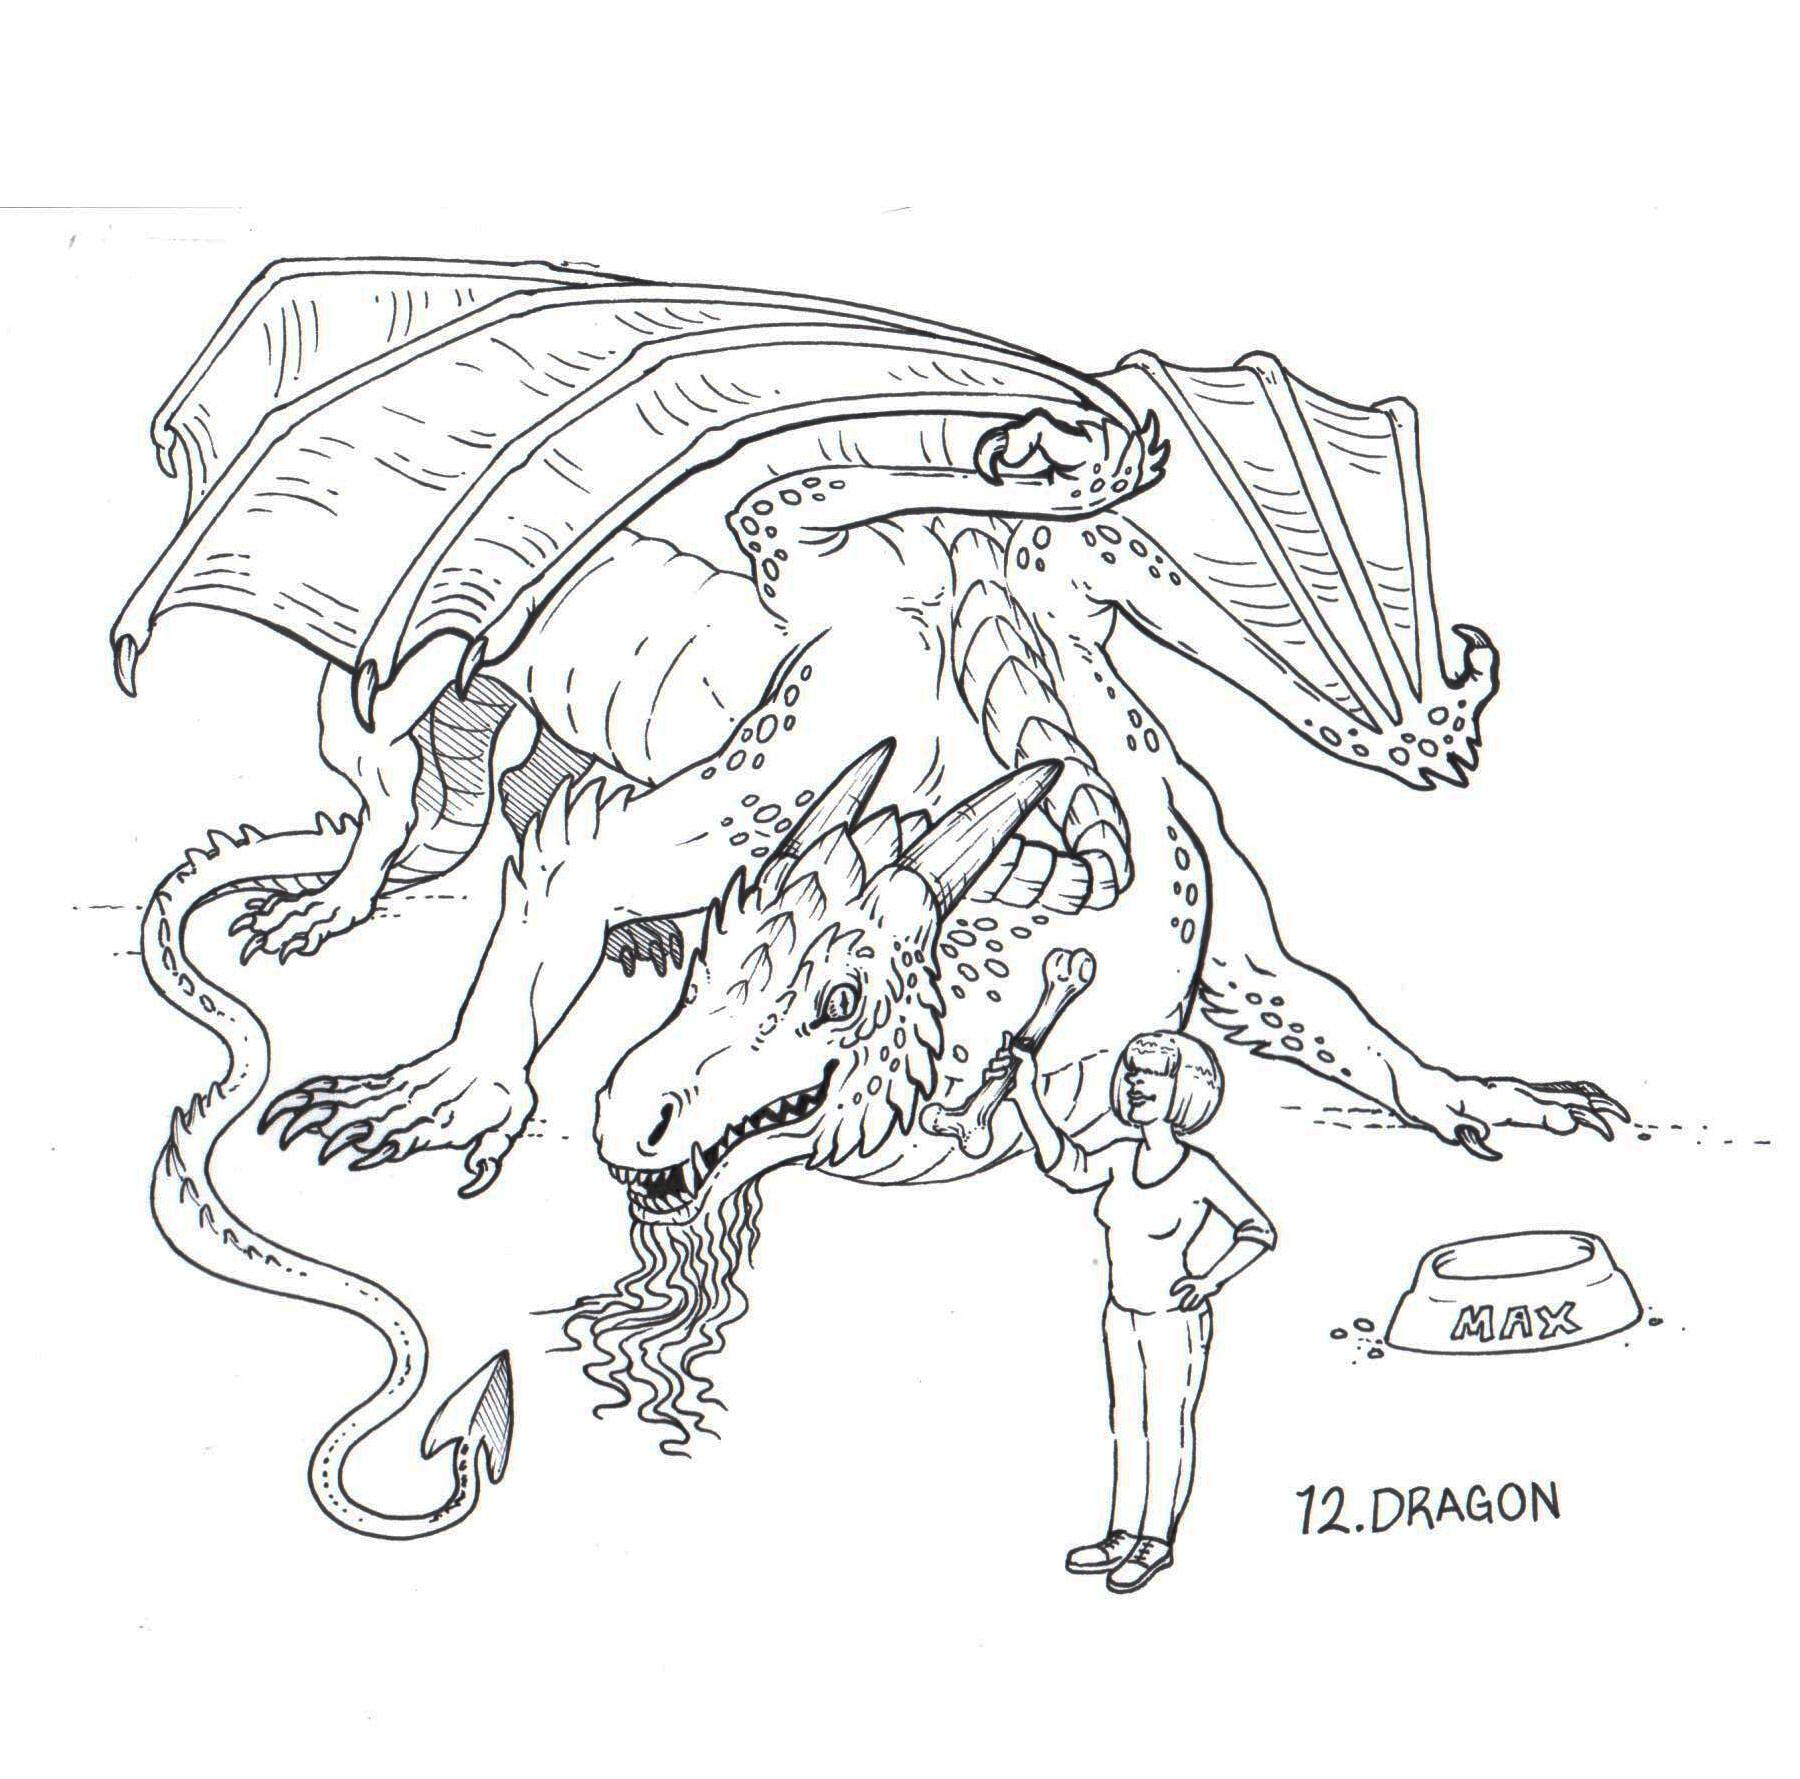 Meagen ruttan 12 dragon